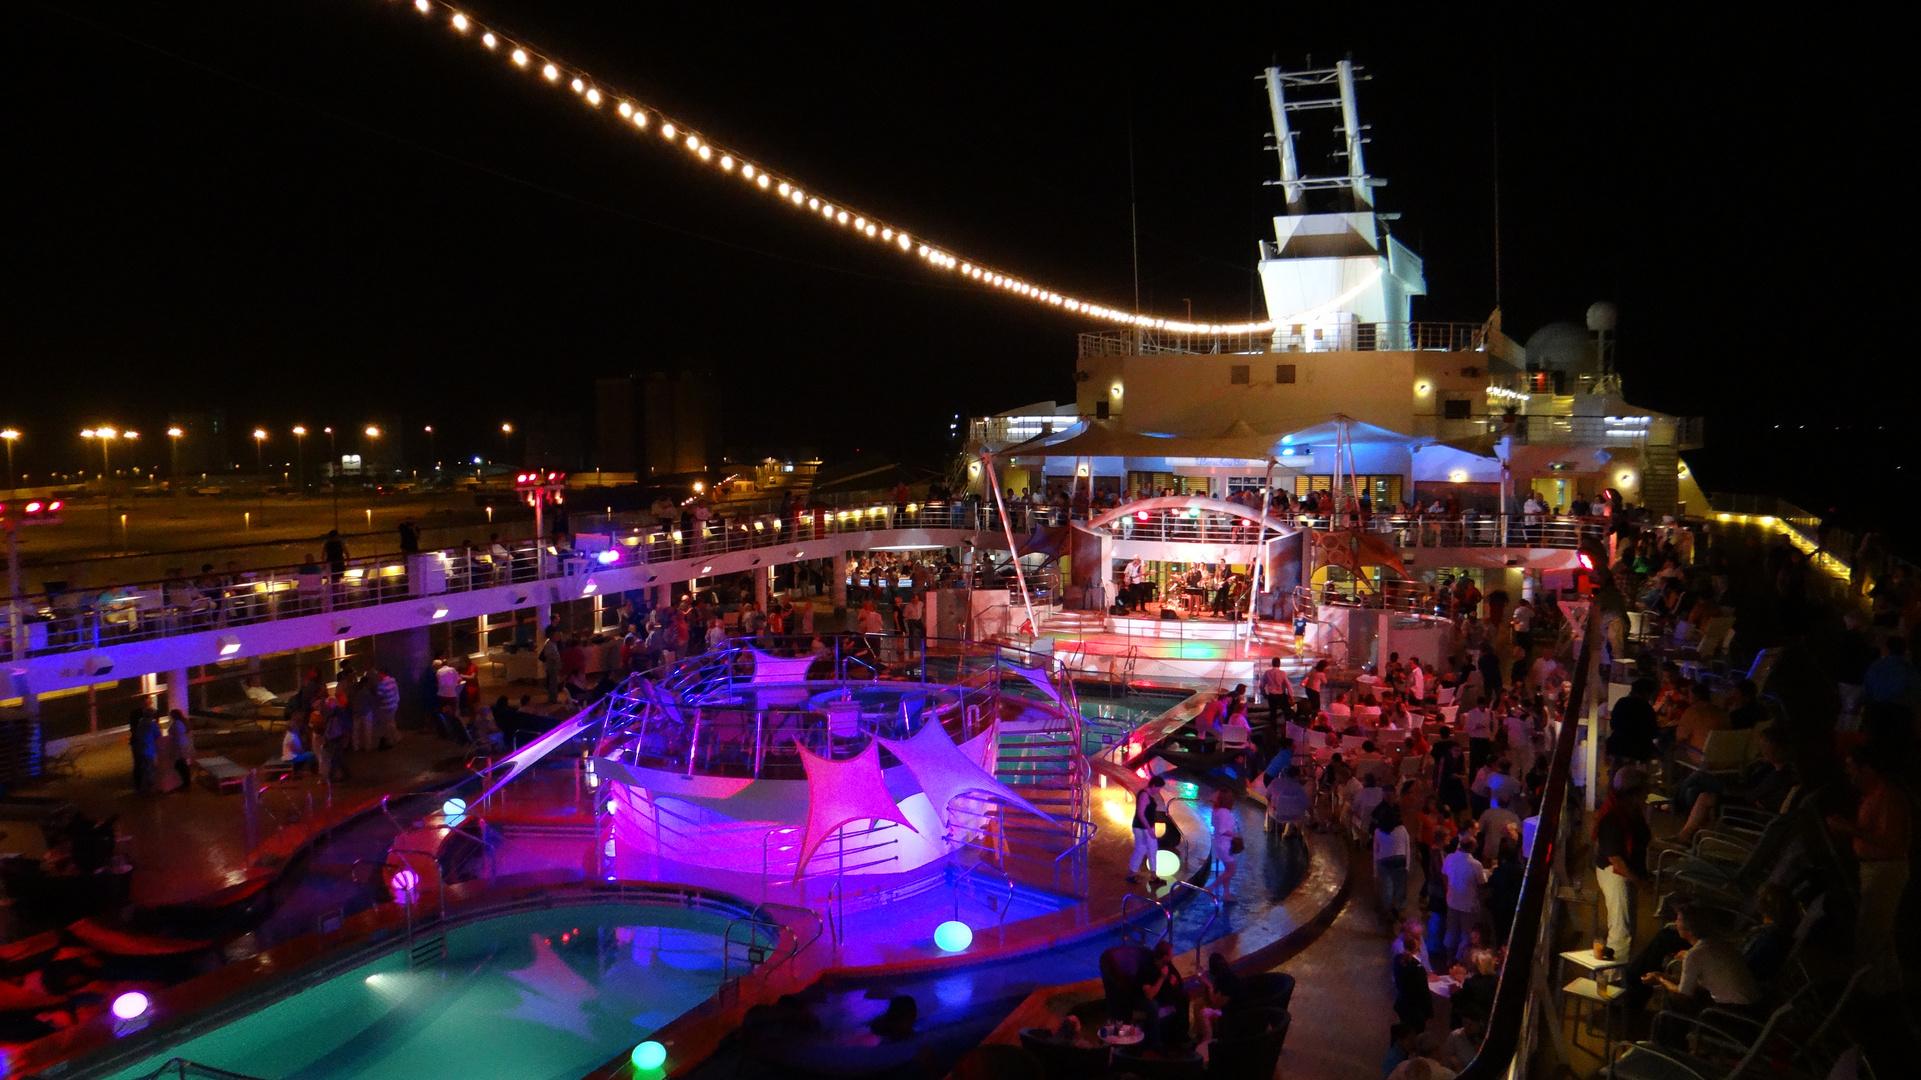 Poolparty auf der Mein Schiff 2 im Hafen von Abu Dhabi